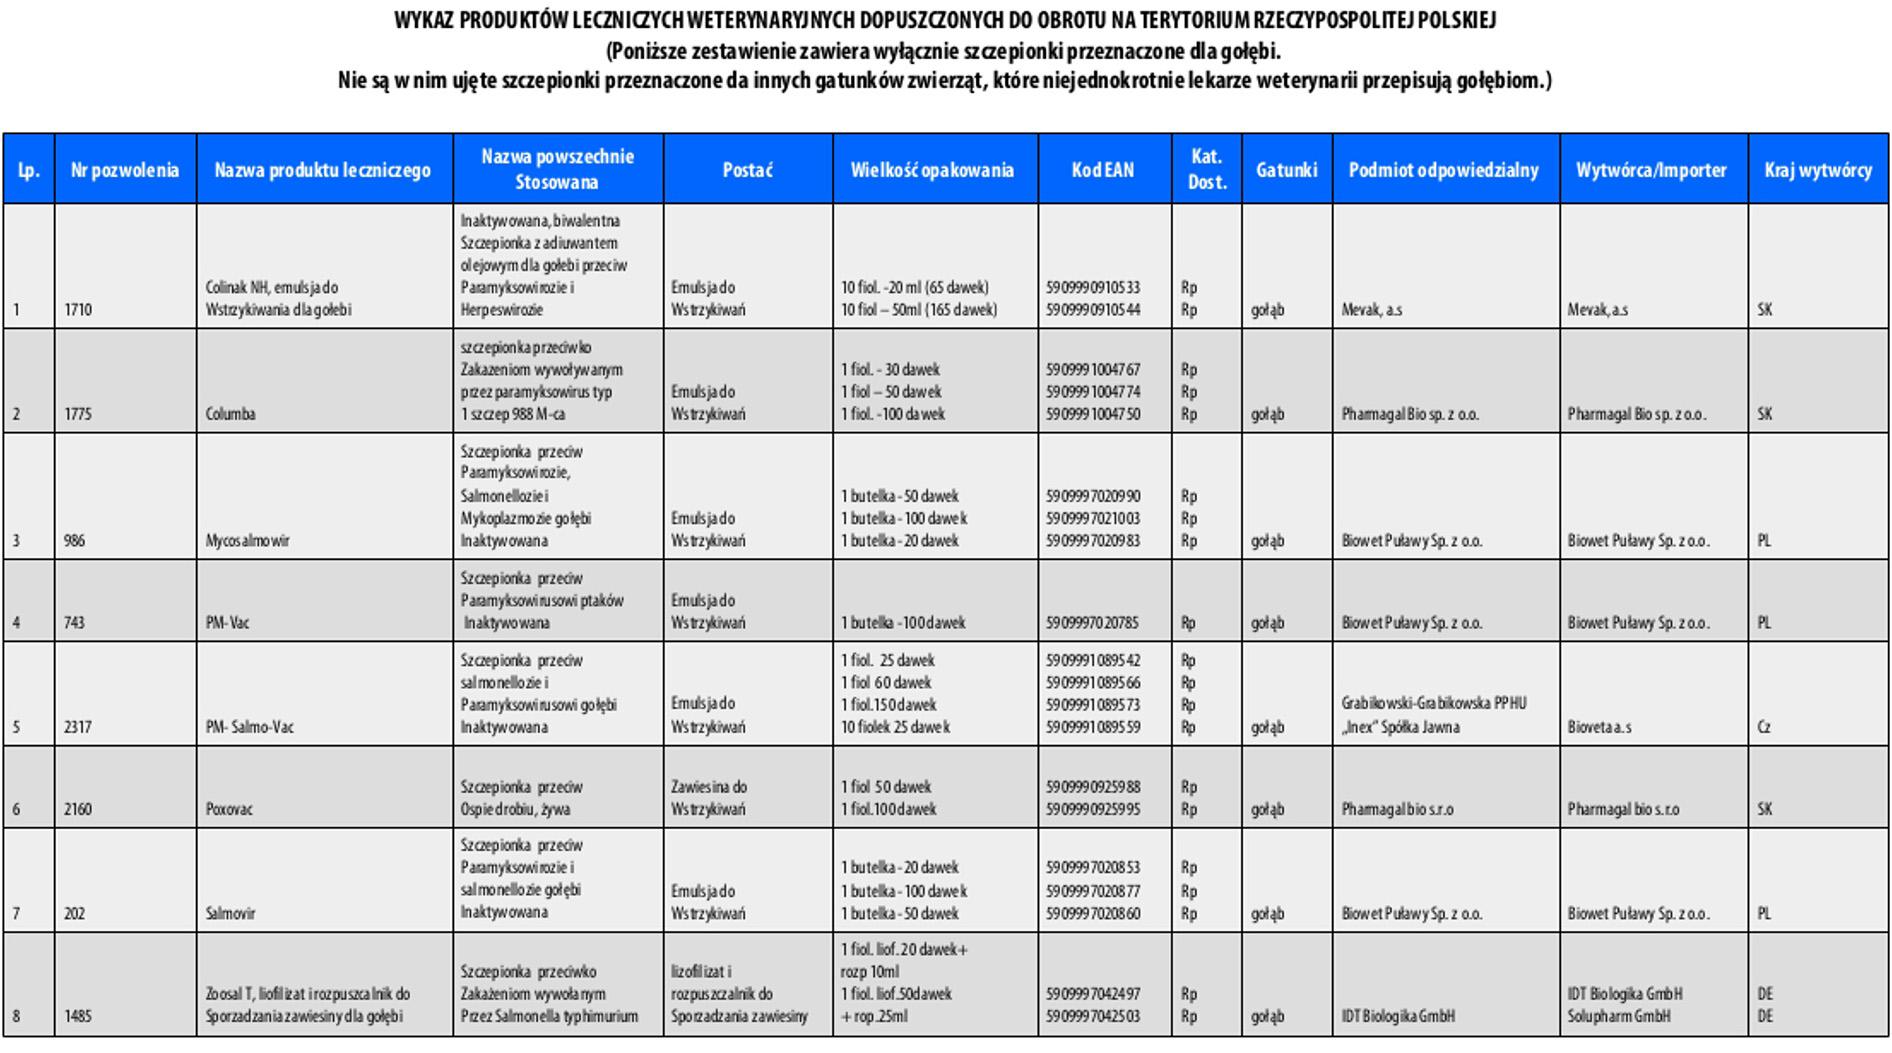 wykaz szczepionek dopuszczonych w Polsce